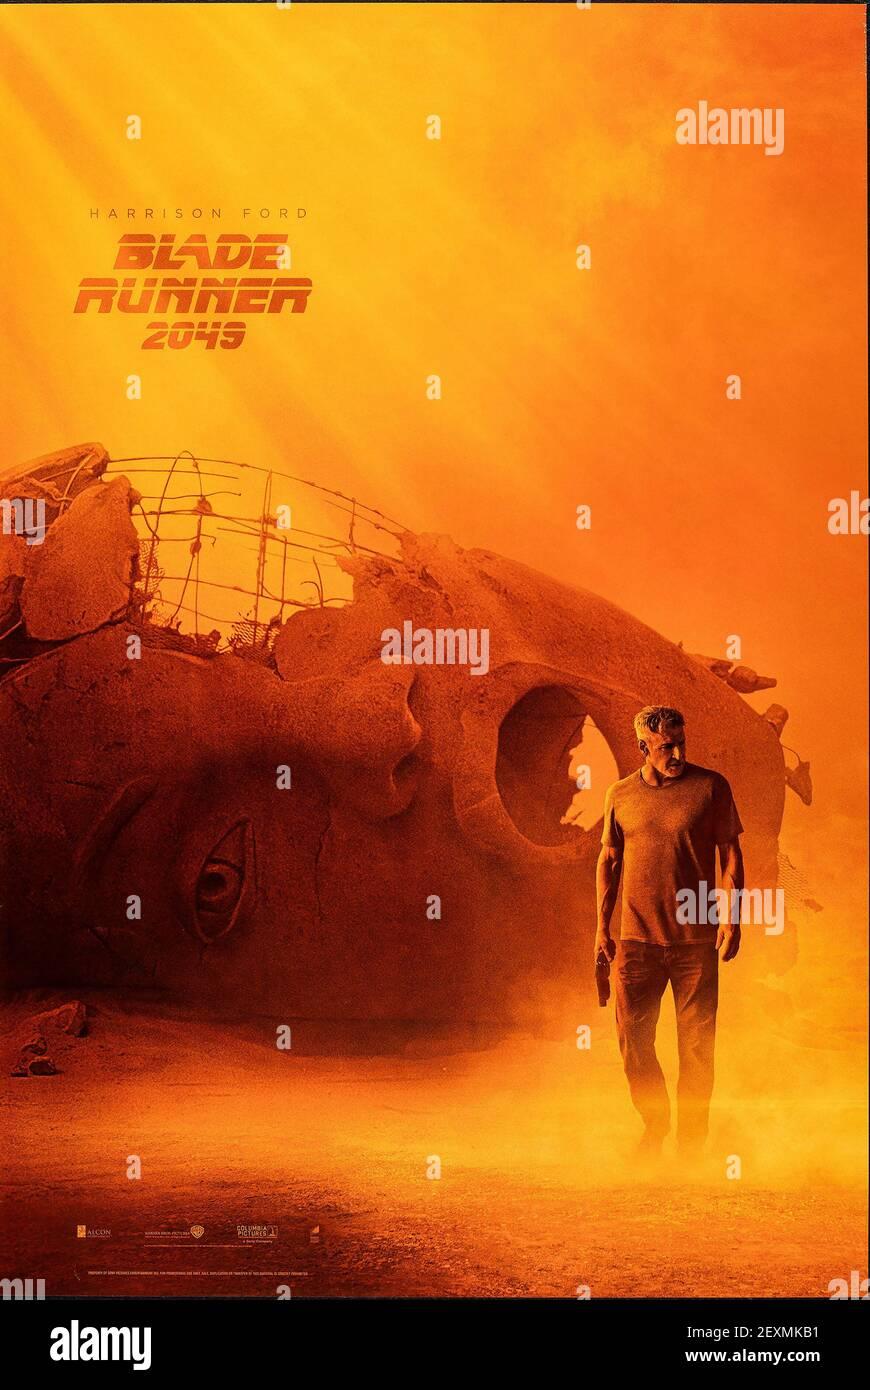 https www alamy com blade runner 2049 movie film poster 2017 image412273765 html